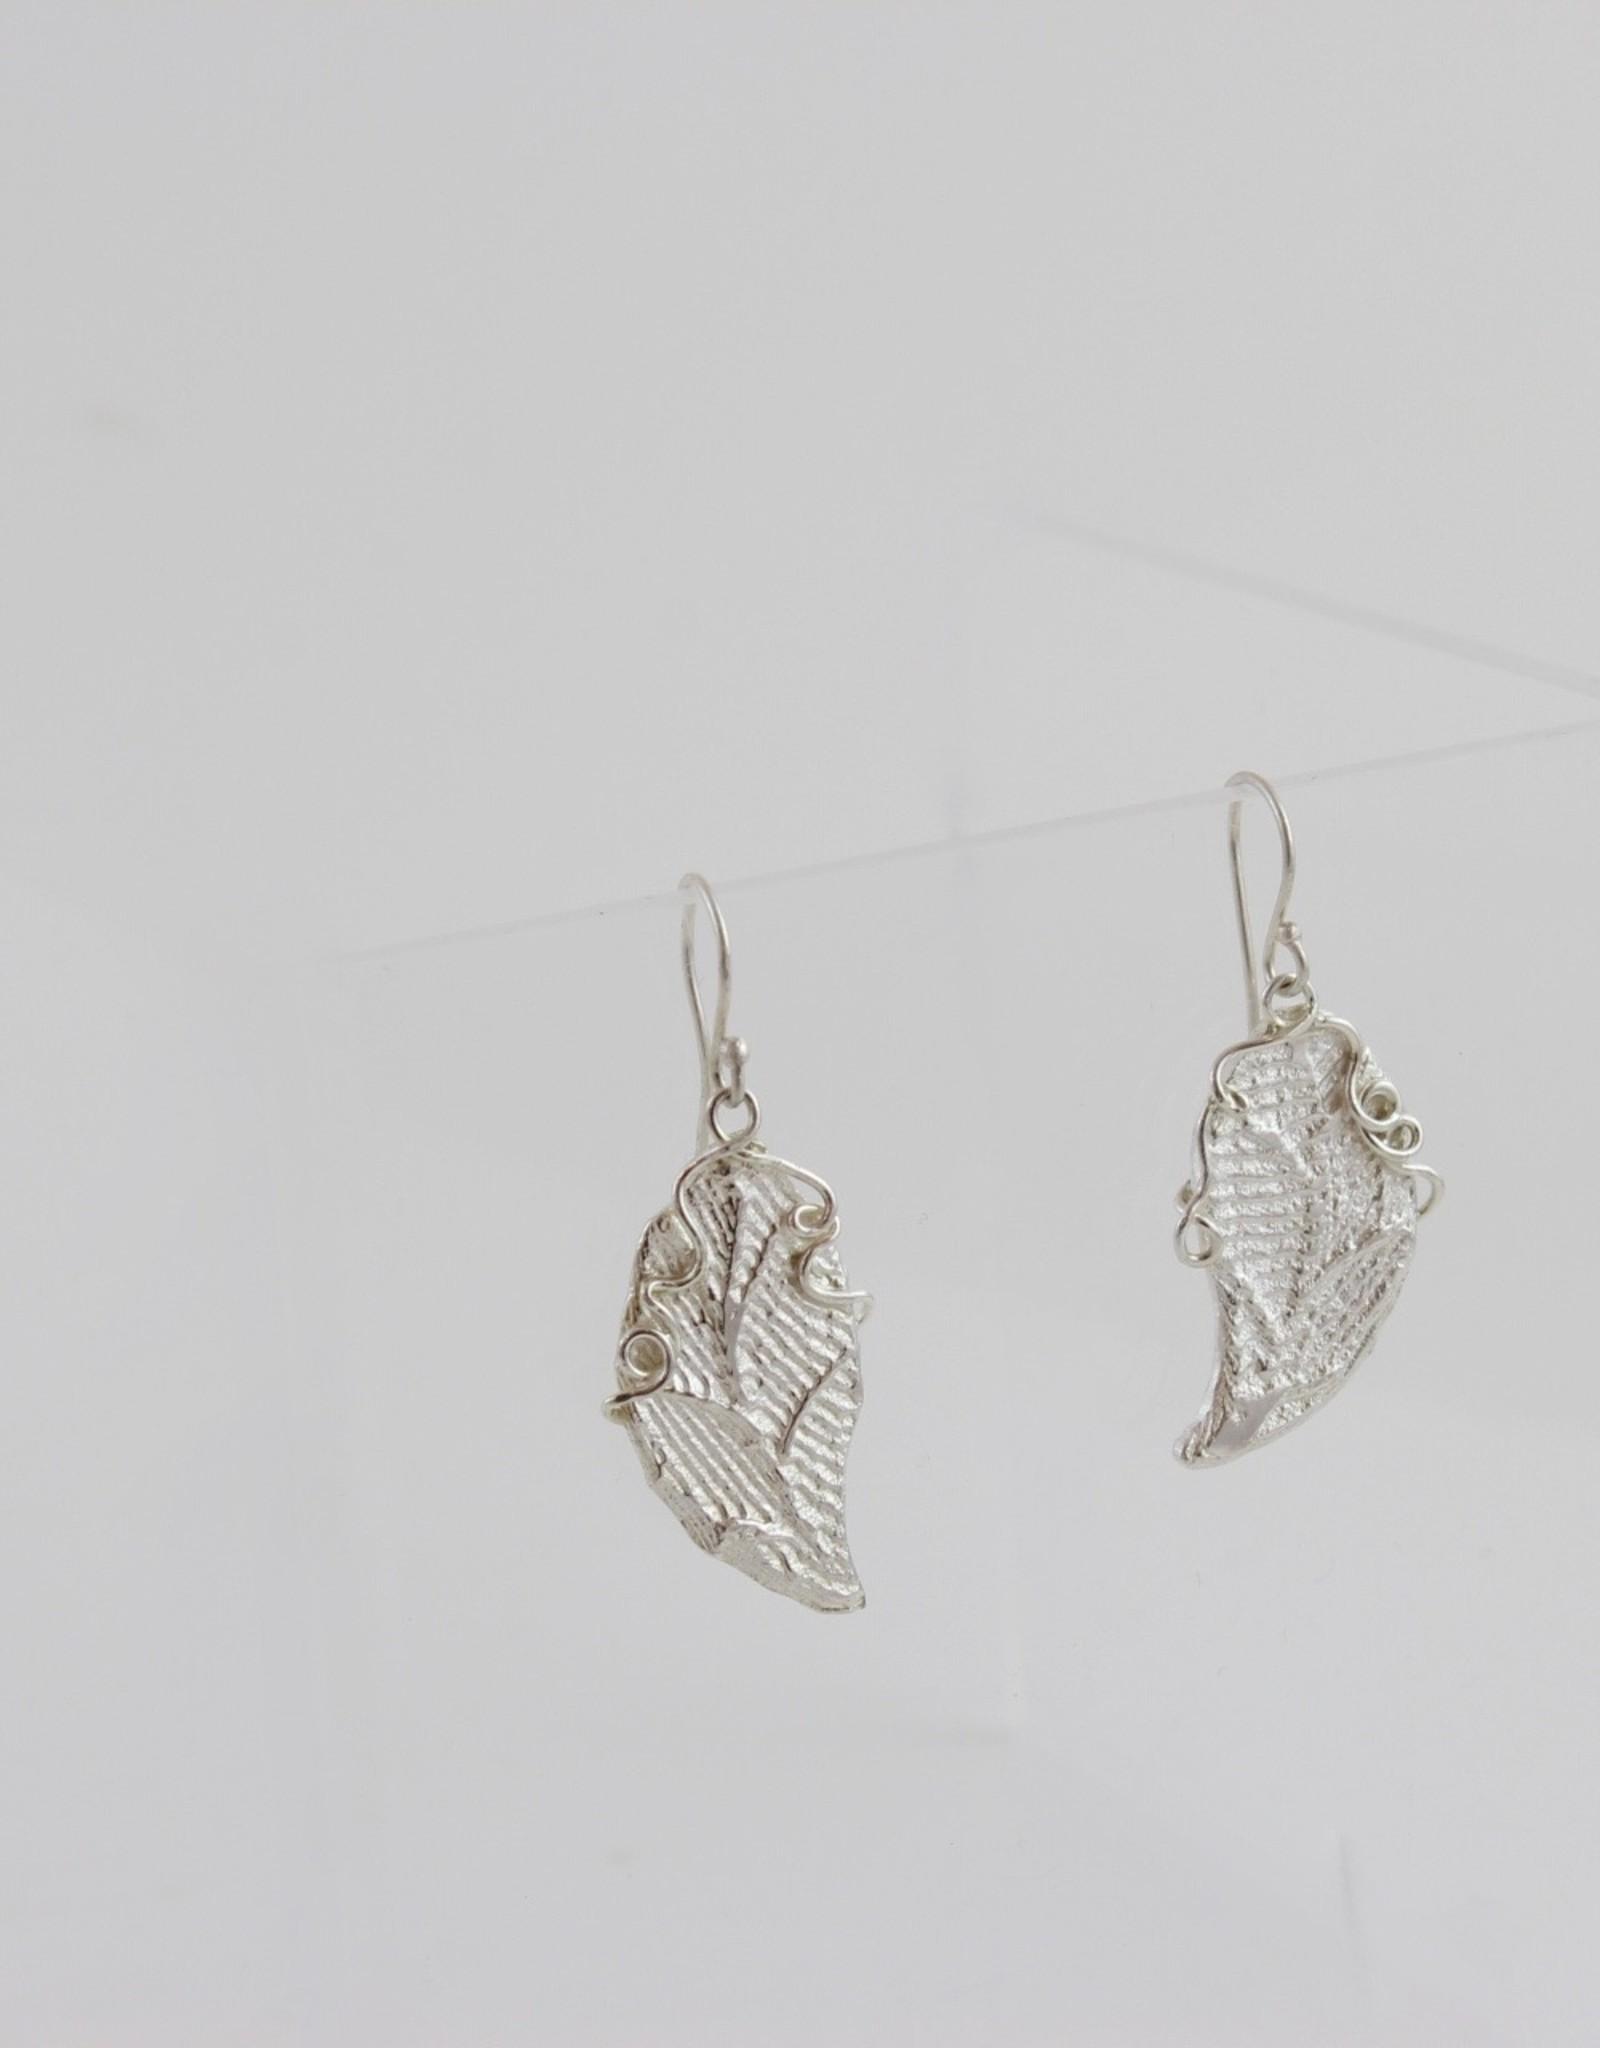 Teddy Tedford Leaf & Vine Earrings by Teddy Tedford